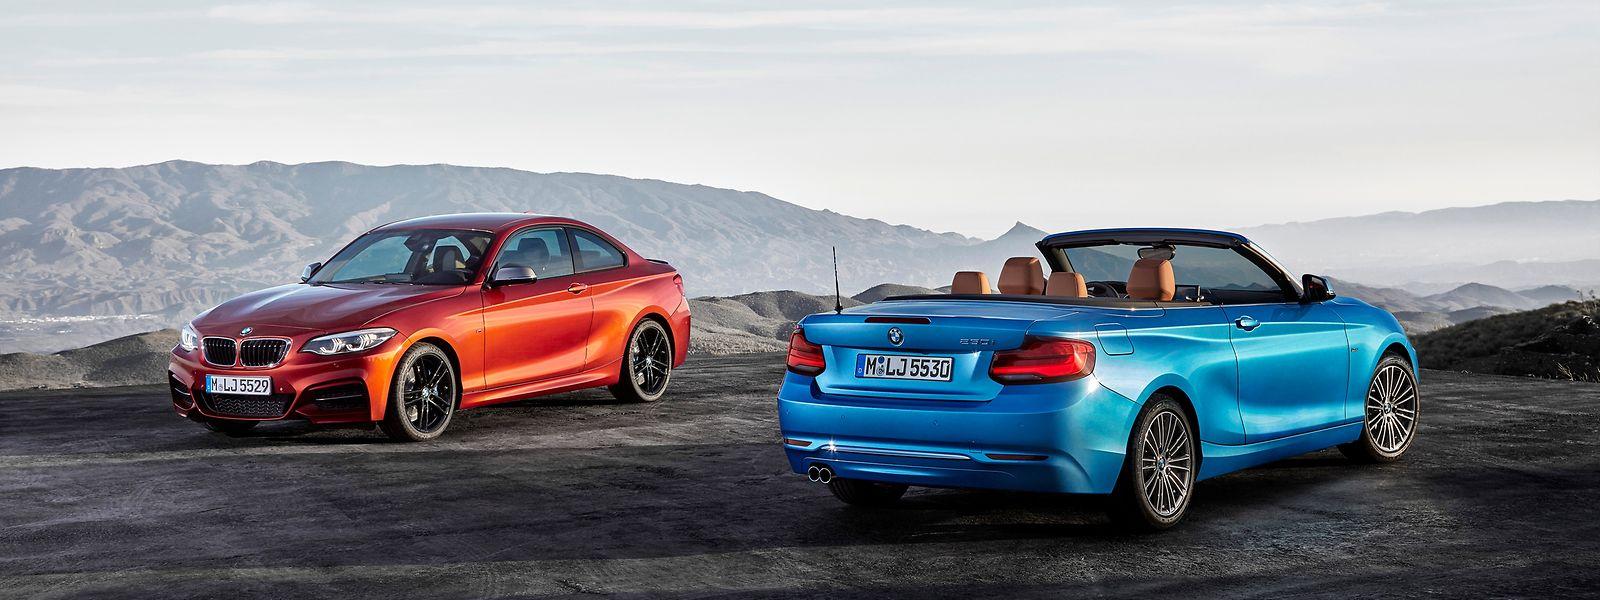 Das 2er-Coupé und das 2er-Cabrio warten unter anderem mit breiteren Lufteinlässen, neuem Leuchtendesign und neuen Rädern auf.